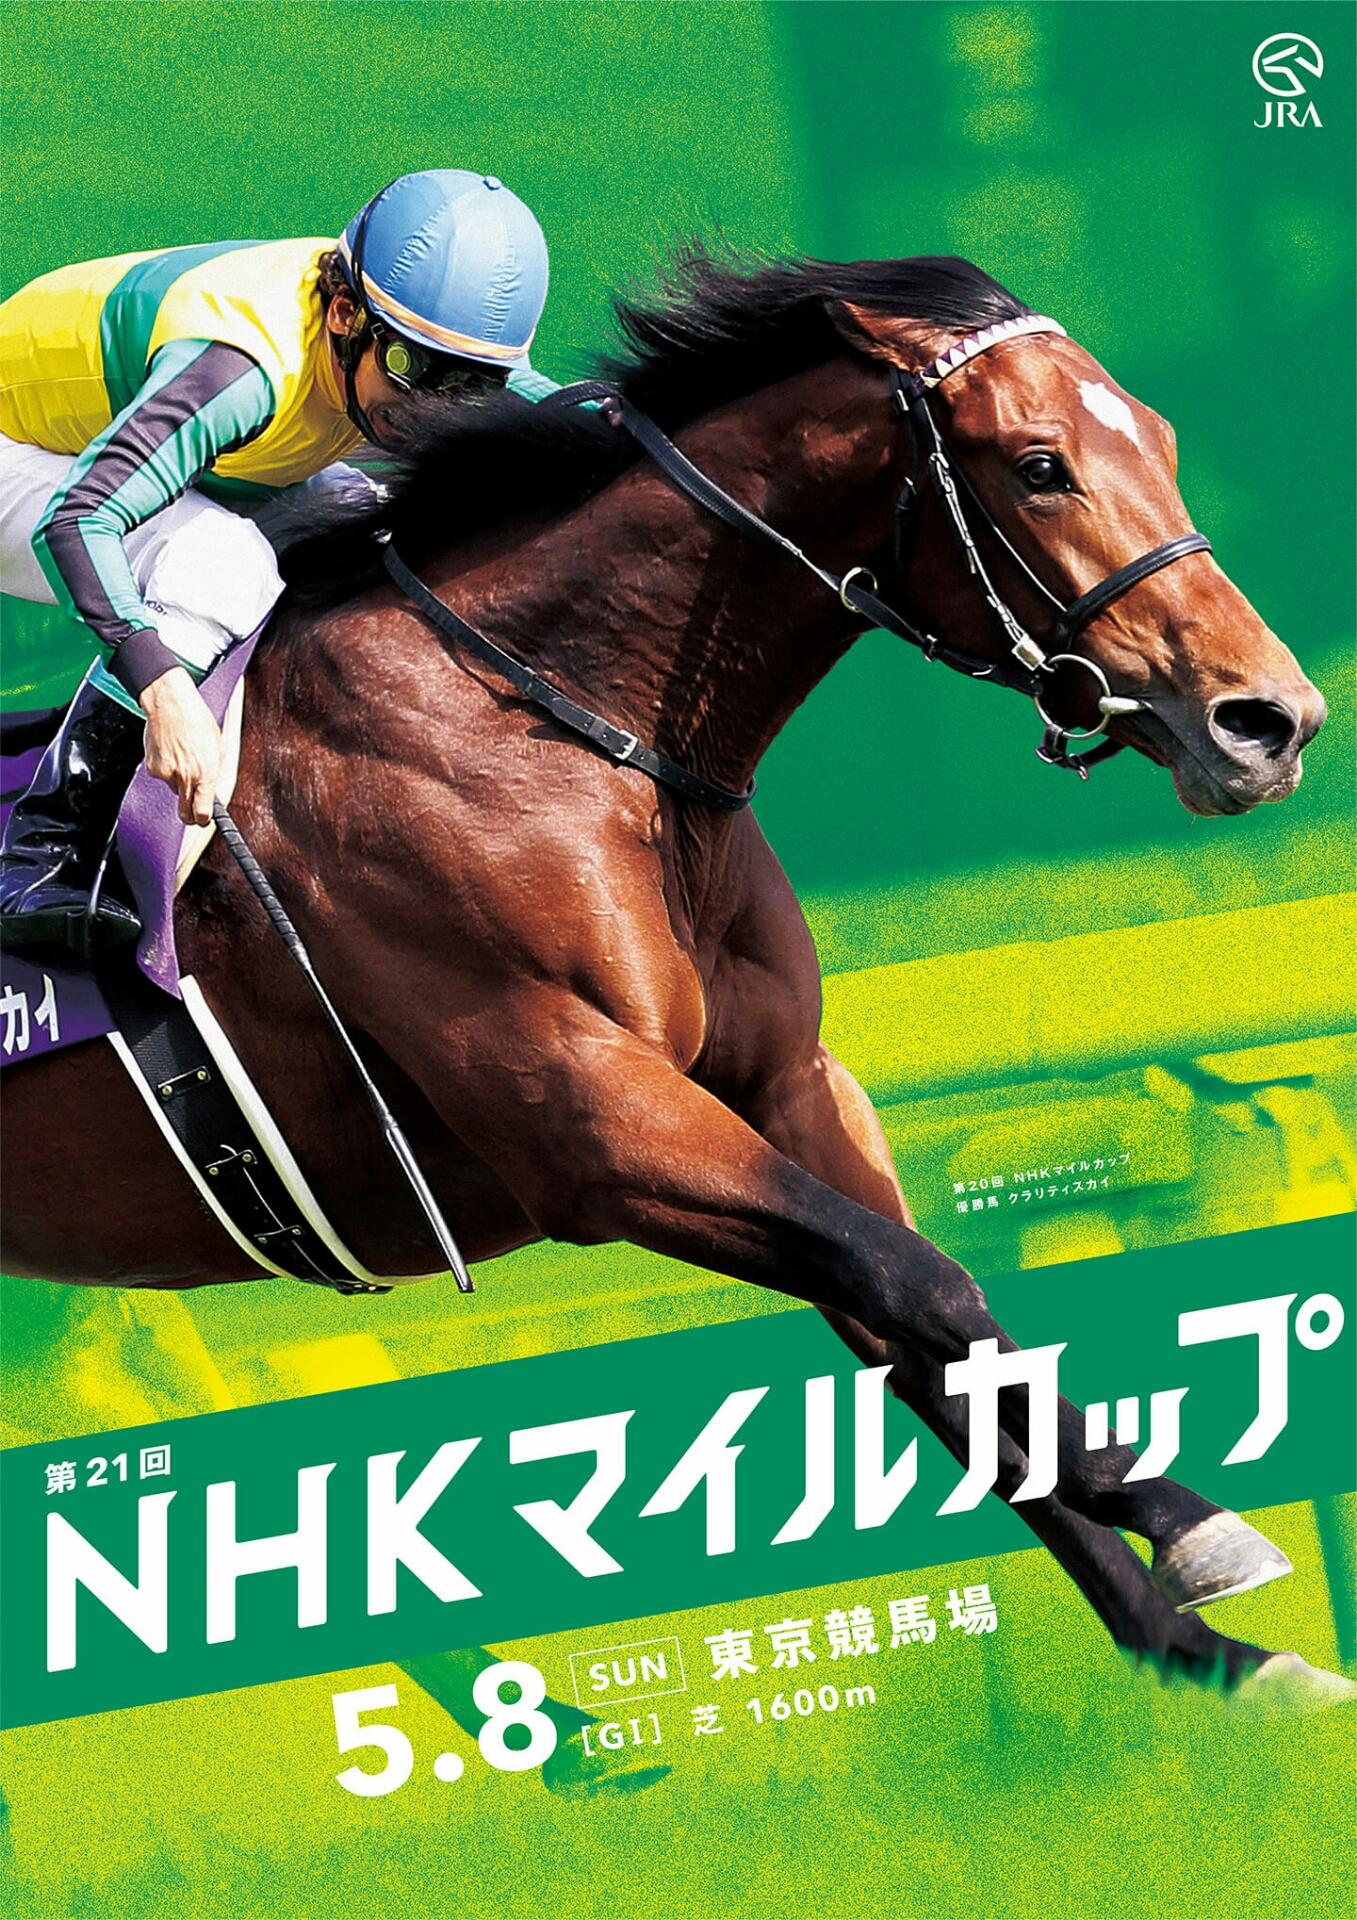 NHKマイルC ヴィクトリアマイル G1レースポスター : 競馬サイン・勝利 ...